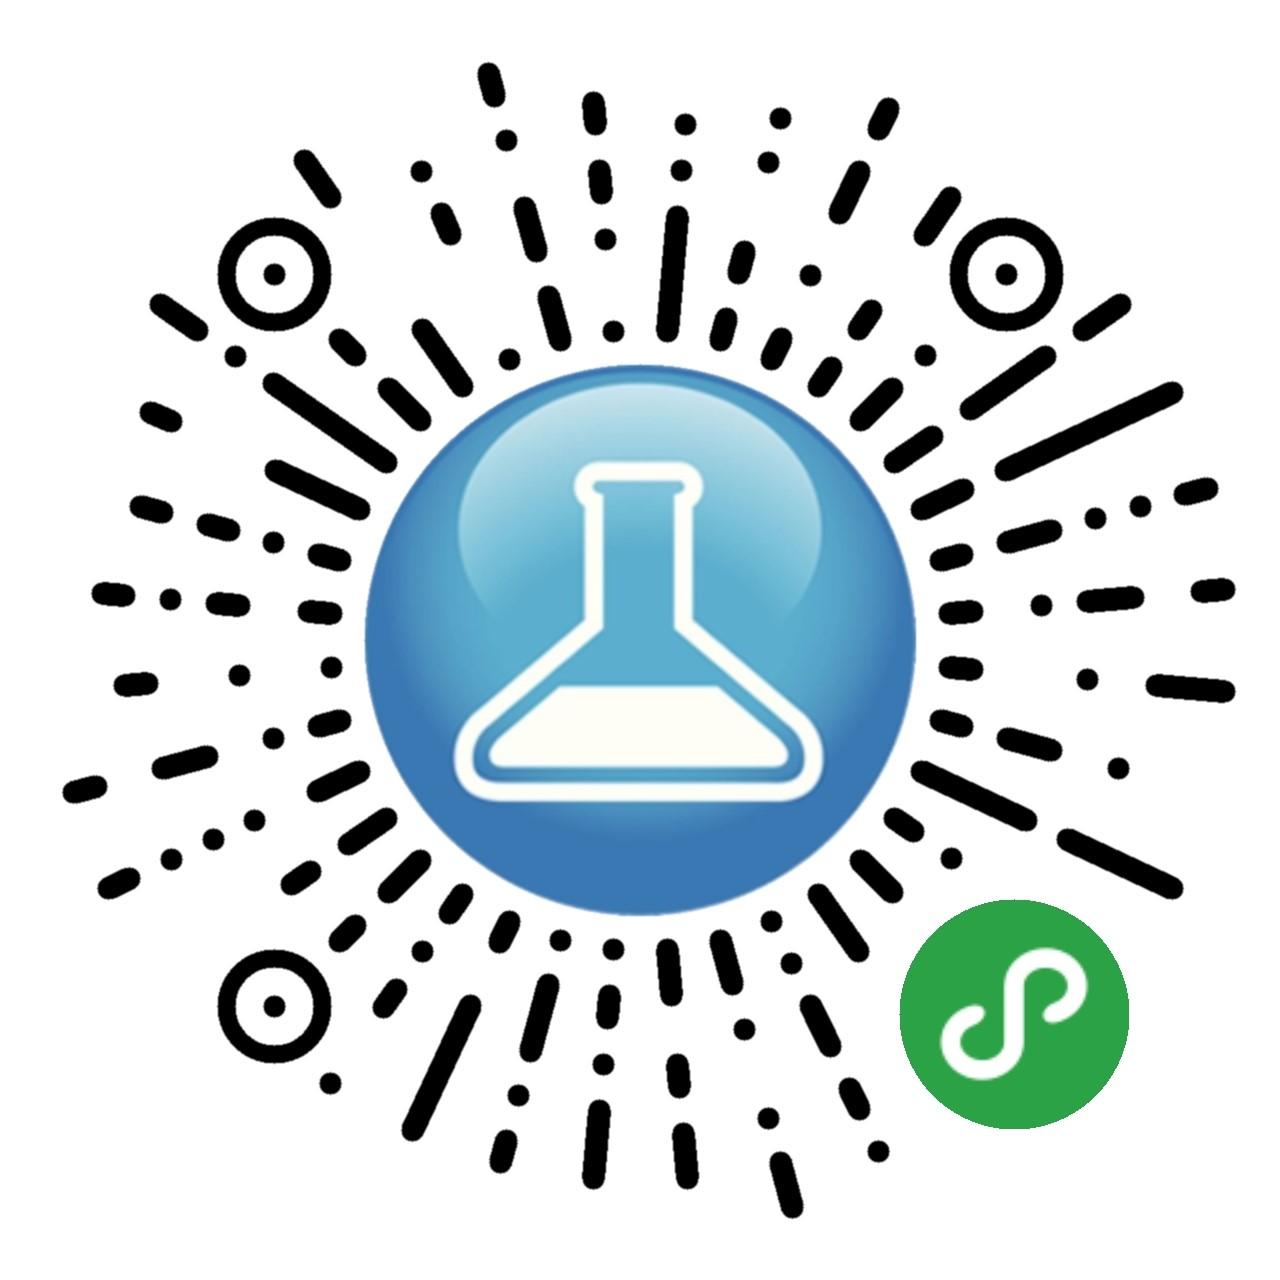 哈工程实验课表查询-微信小程序二维码